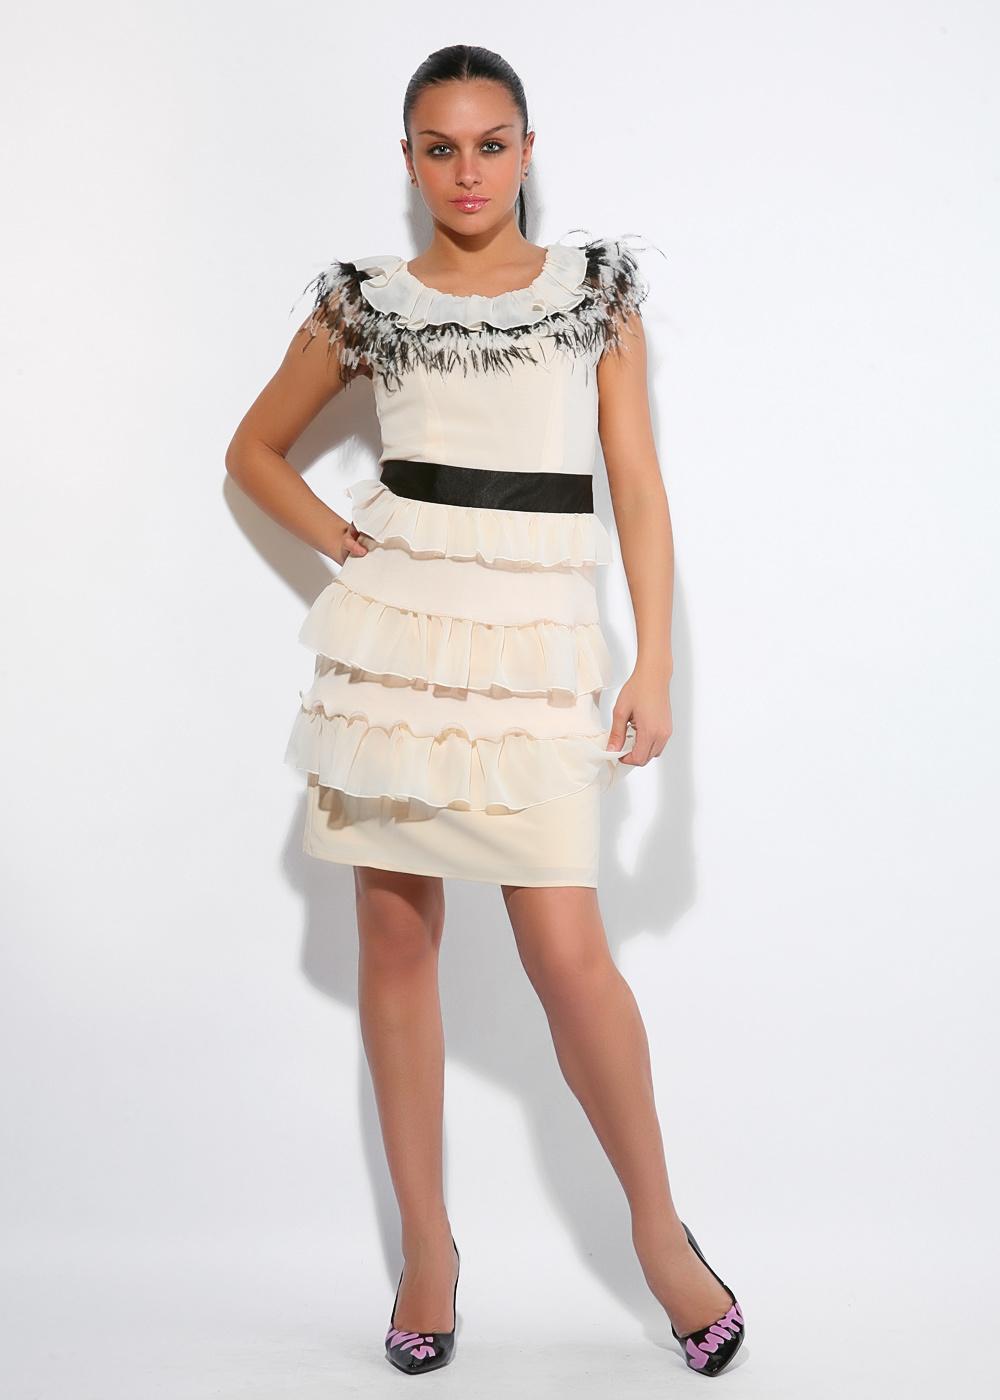 Идиль Интернет Магазин Женской Одежды Доставка